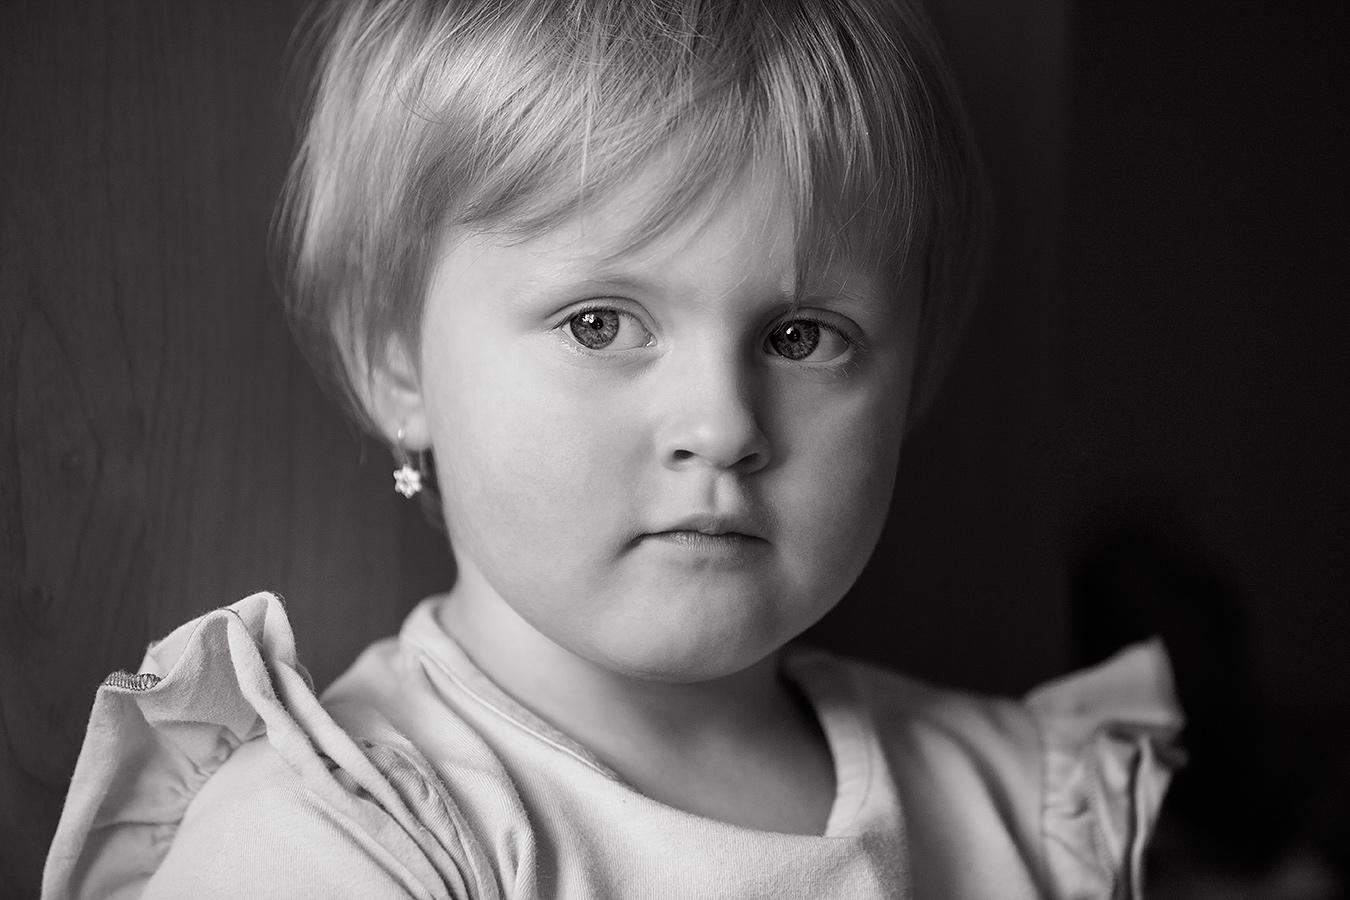 Fotografie eines Mädchens im Vorschulalteralter